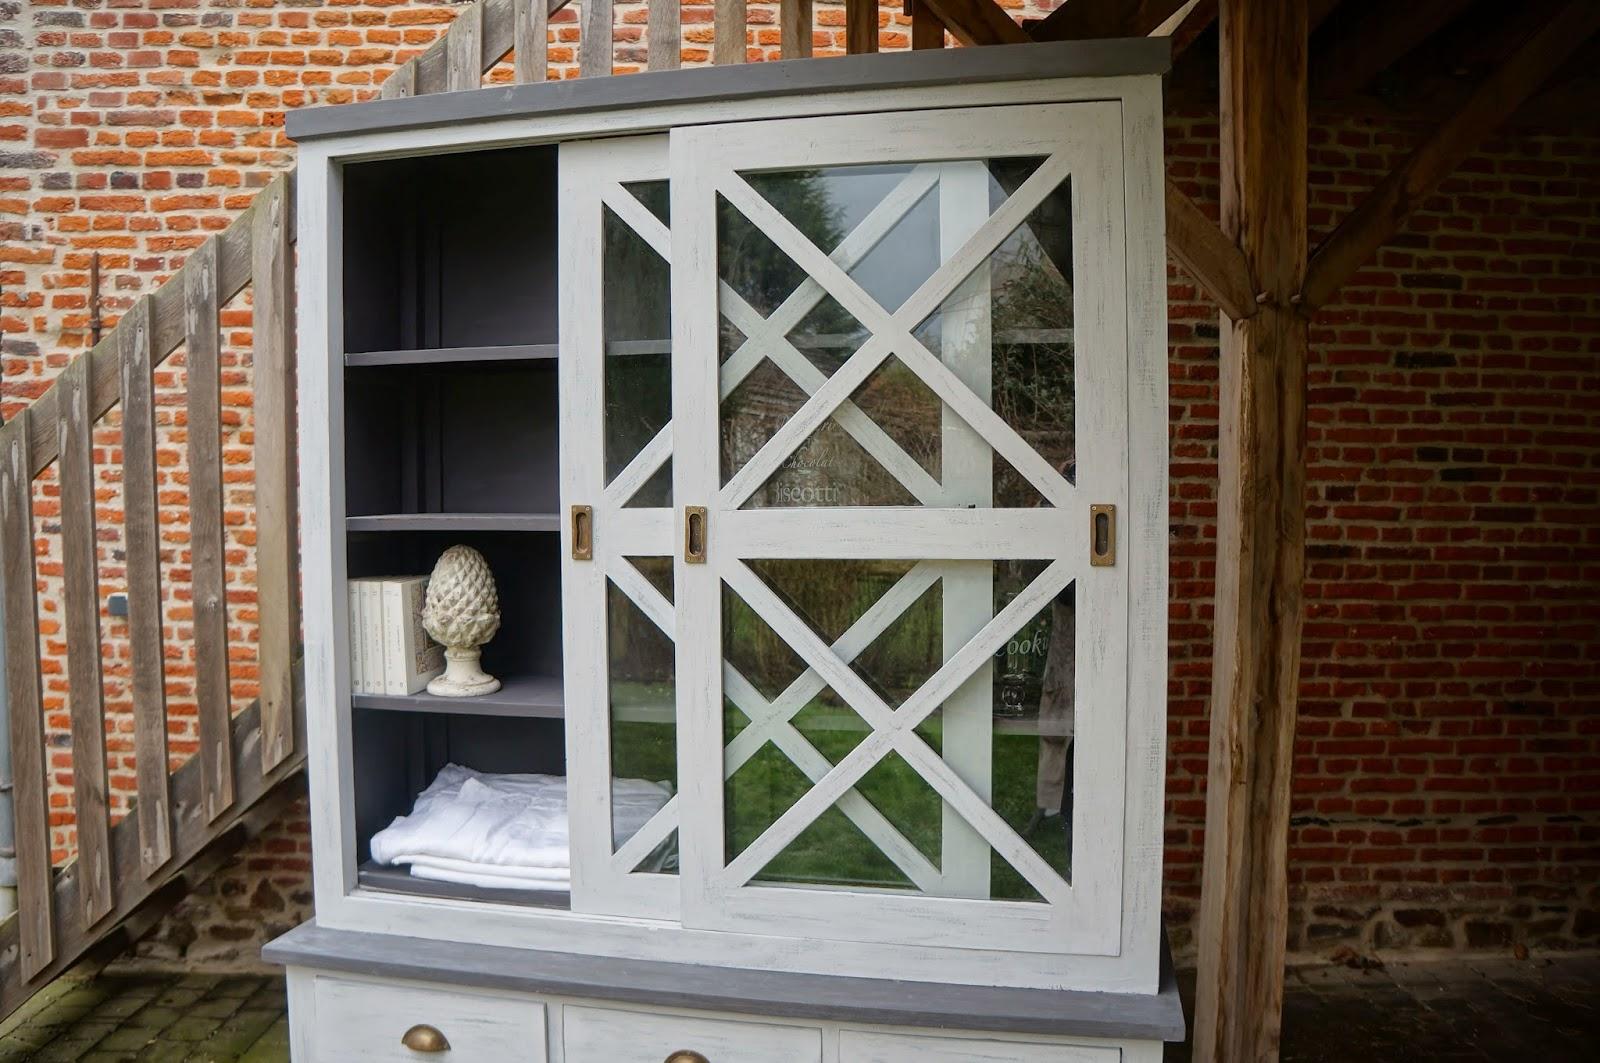 meubles-deux-corps-patiné-gris-vaisselier-bibiliothèque-vitrine-moulures-en-croix